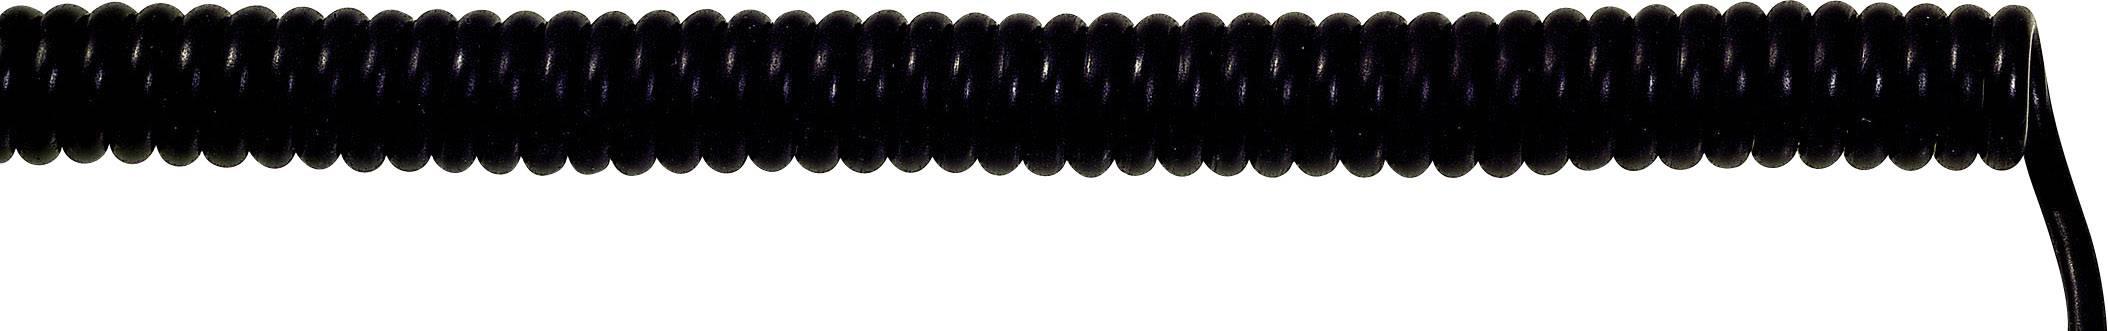 Špirálový kábel 73220222 UNITRONIC® SPIRAL 6 x 0.14 mm², 300 mm / 1200 mm, čierna